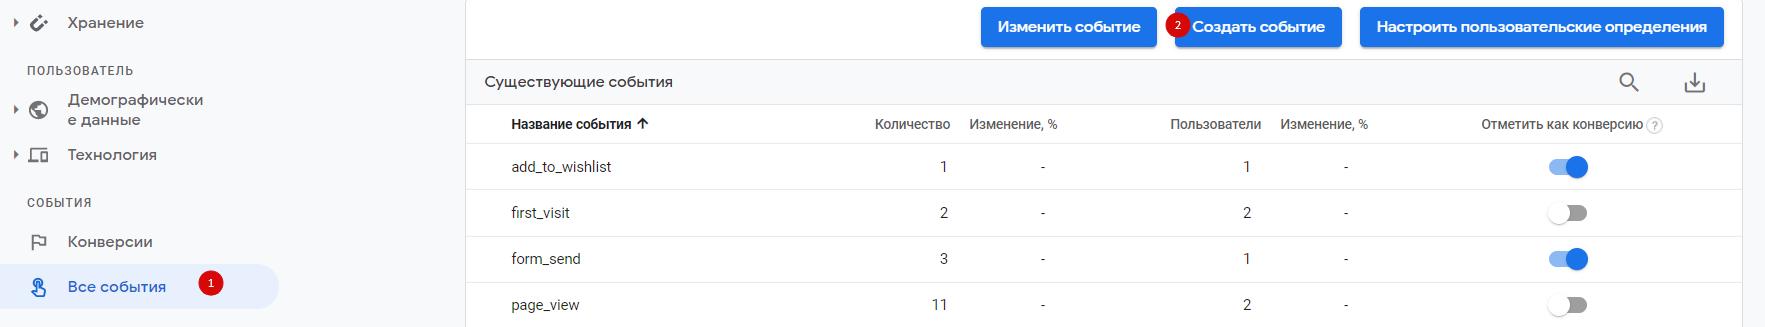 Функционал на вкладке Все события в интерфейсе Google Analytics 4